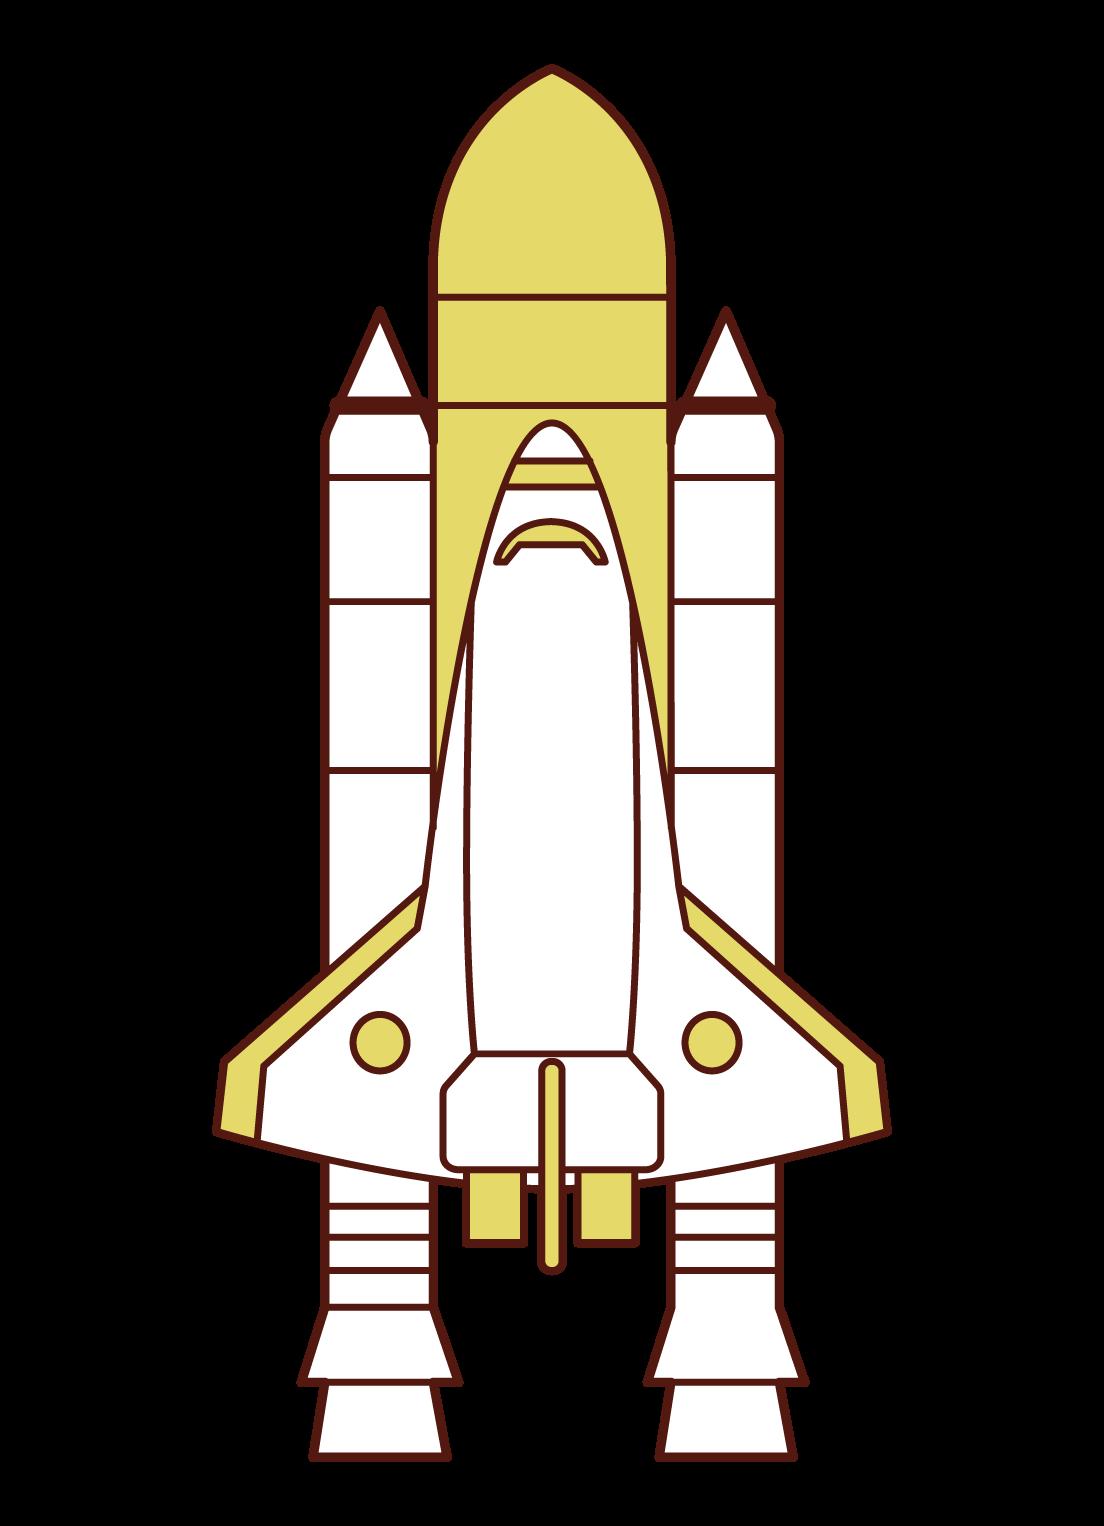 スペースシャトルのイラスト